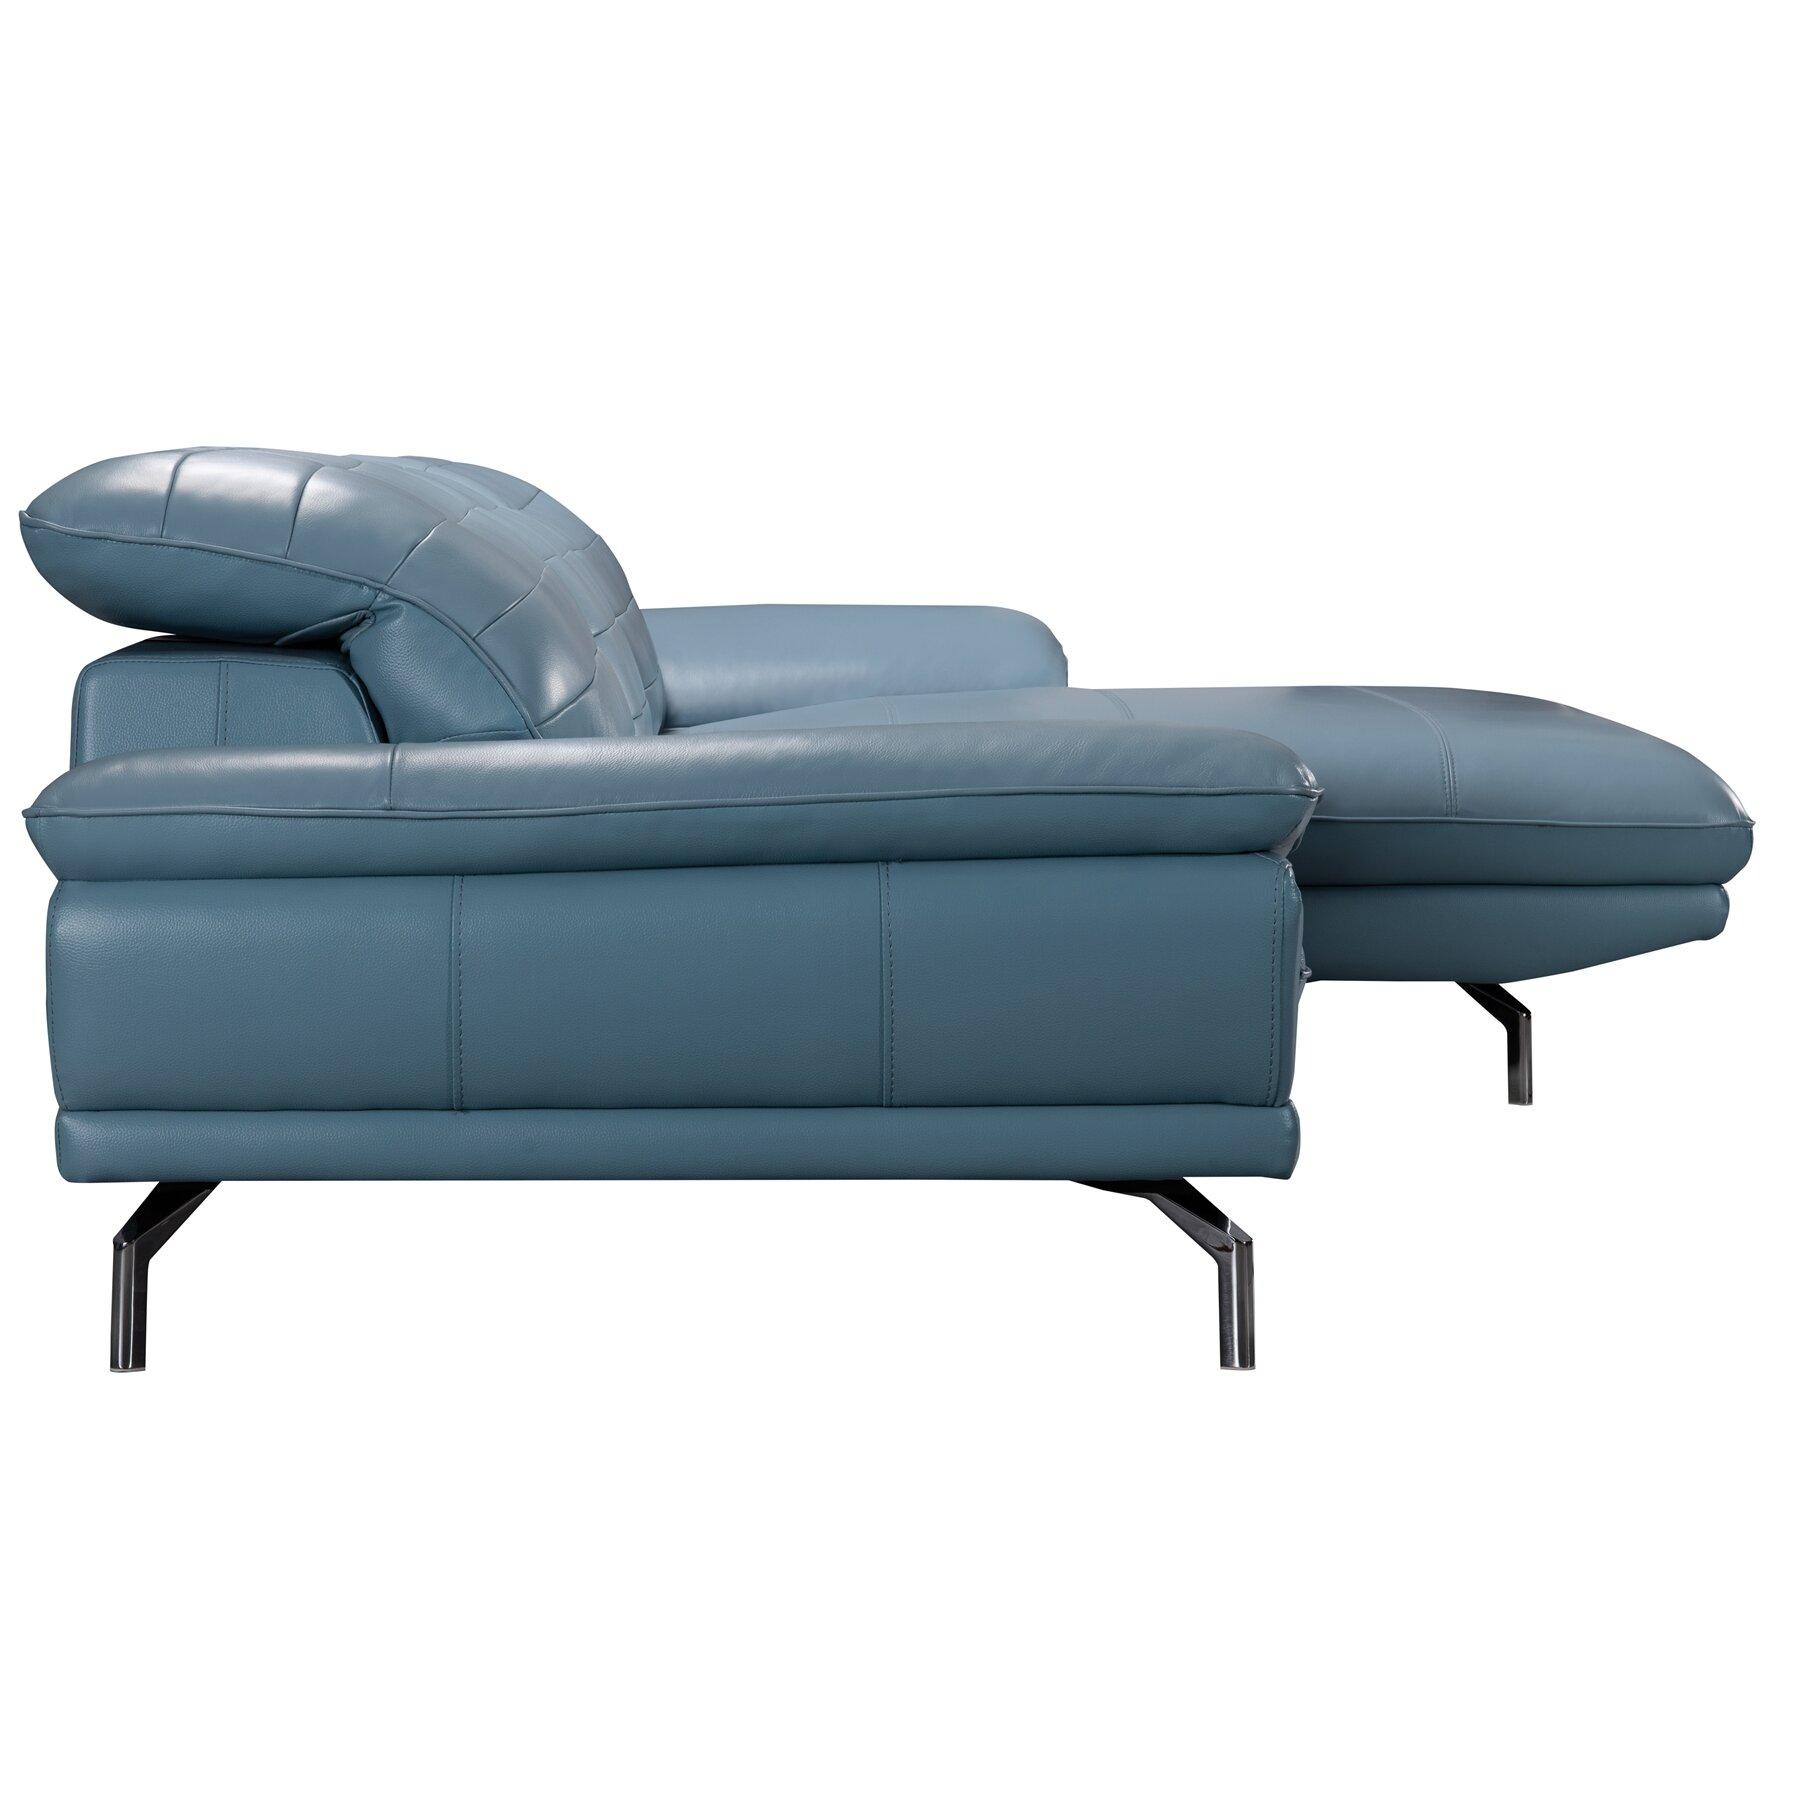 Wade logan alsatia leather sectional sofa for Wayfair sectional sofa